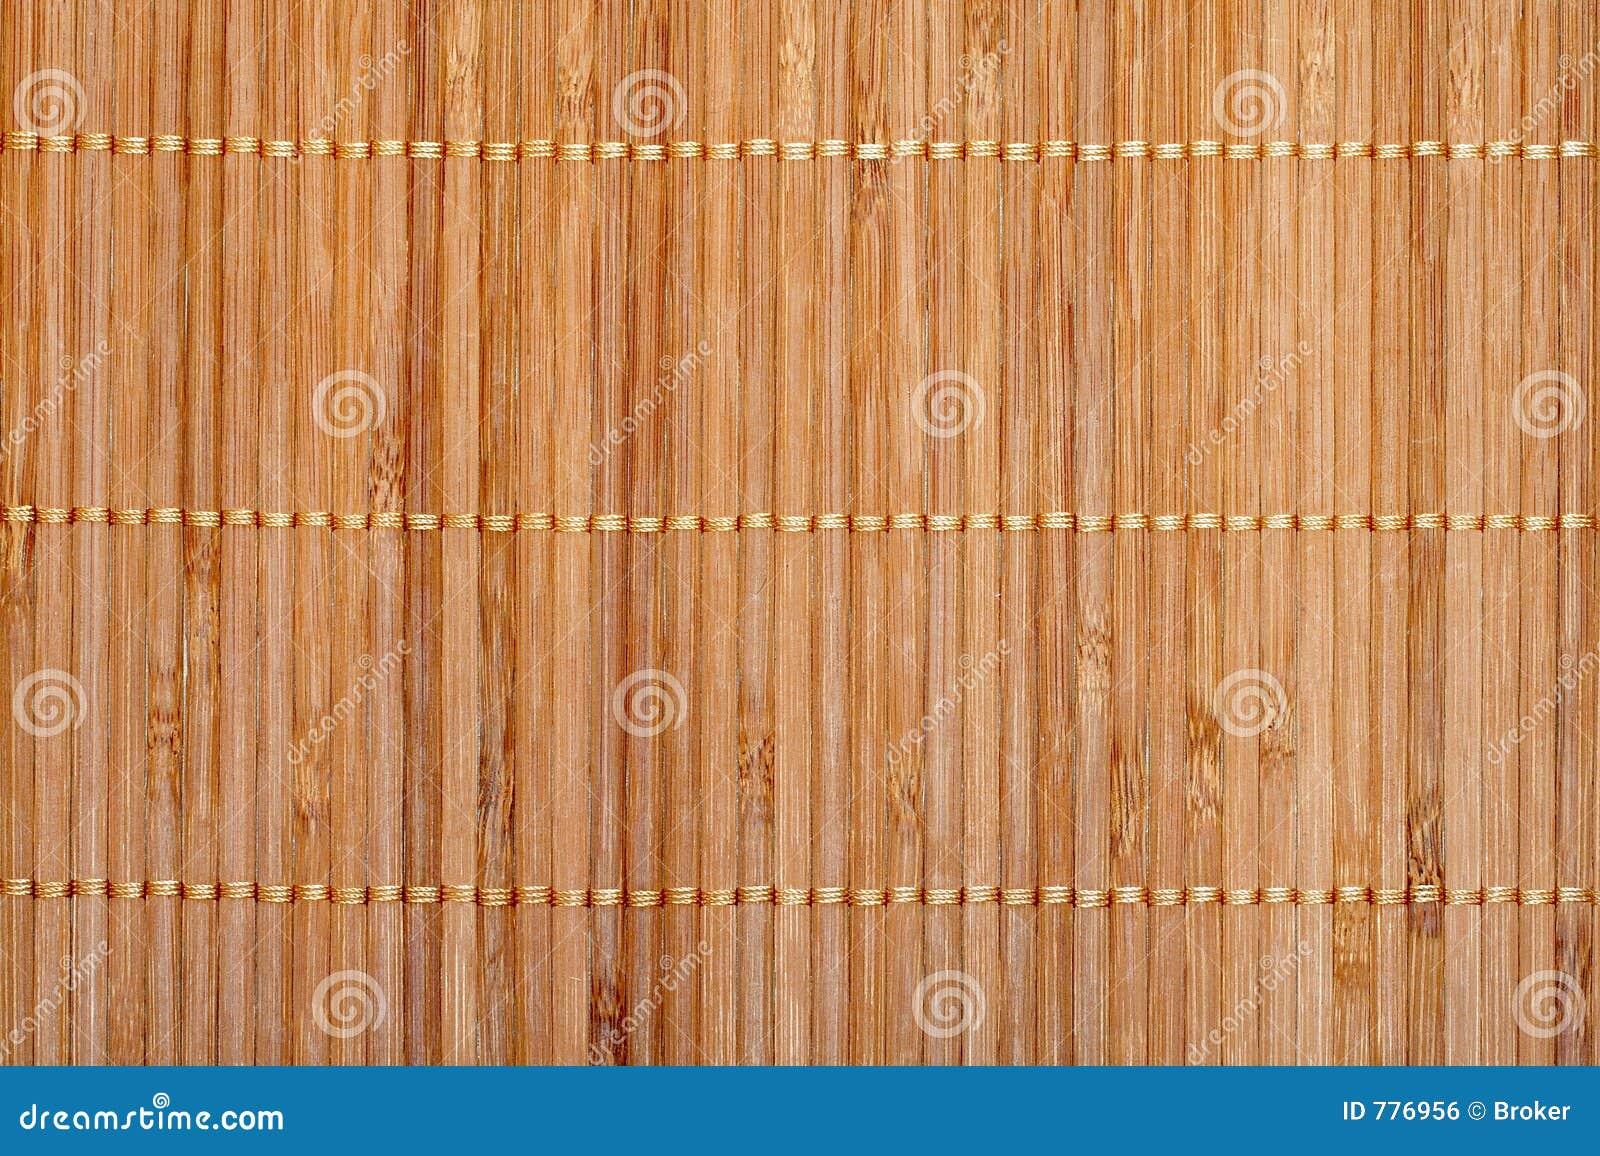 couvre tapis en bambou photo stock image du couvre tage. Black Bedroom Furniture Sets. Home Design Ideas